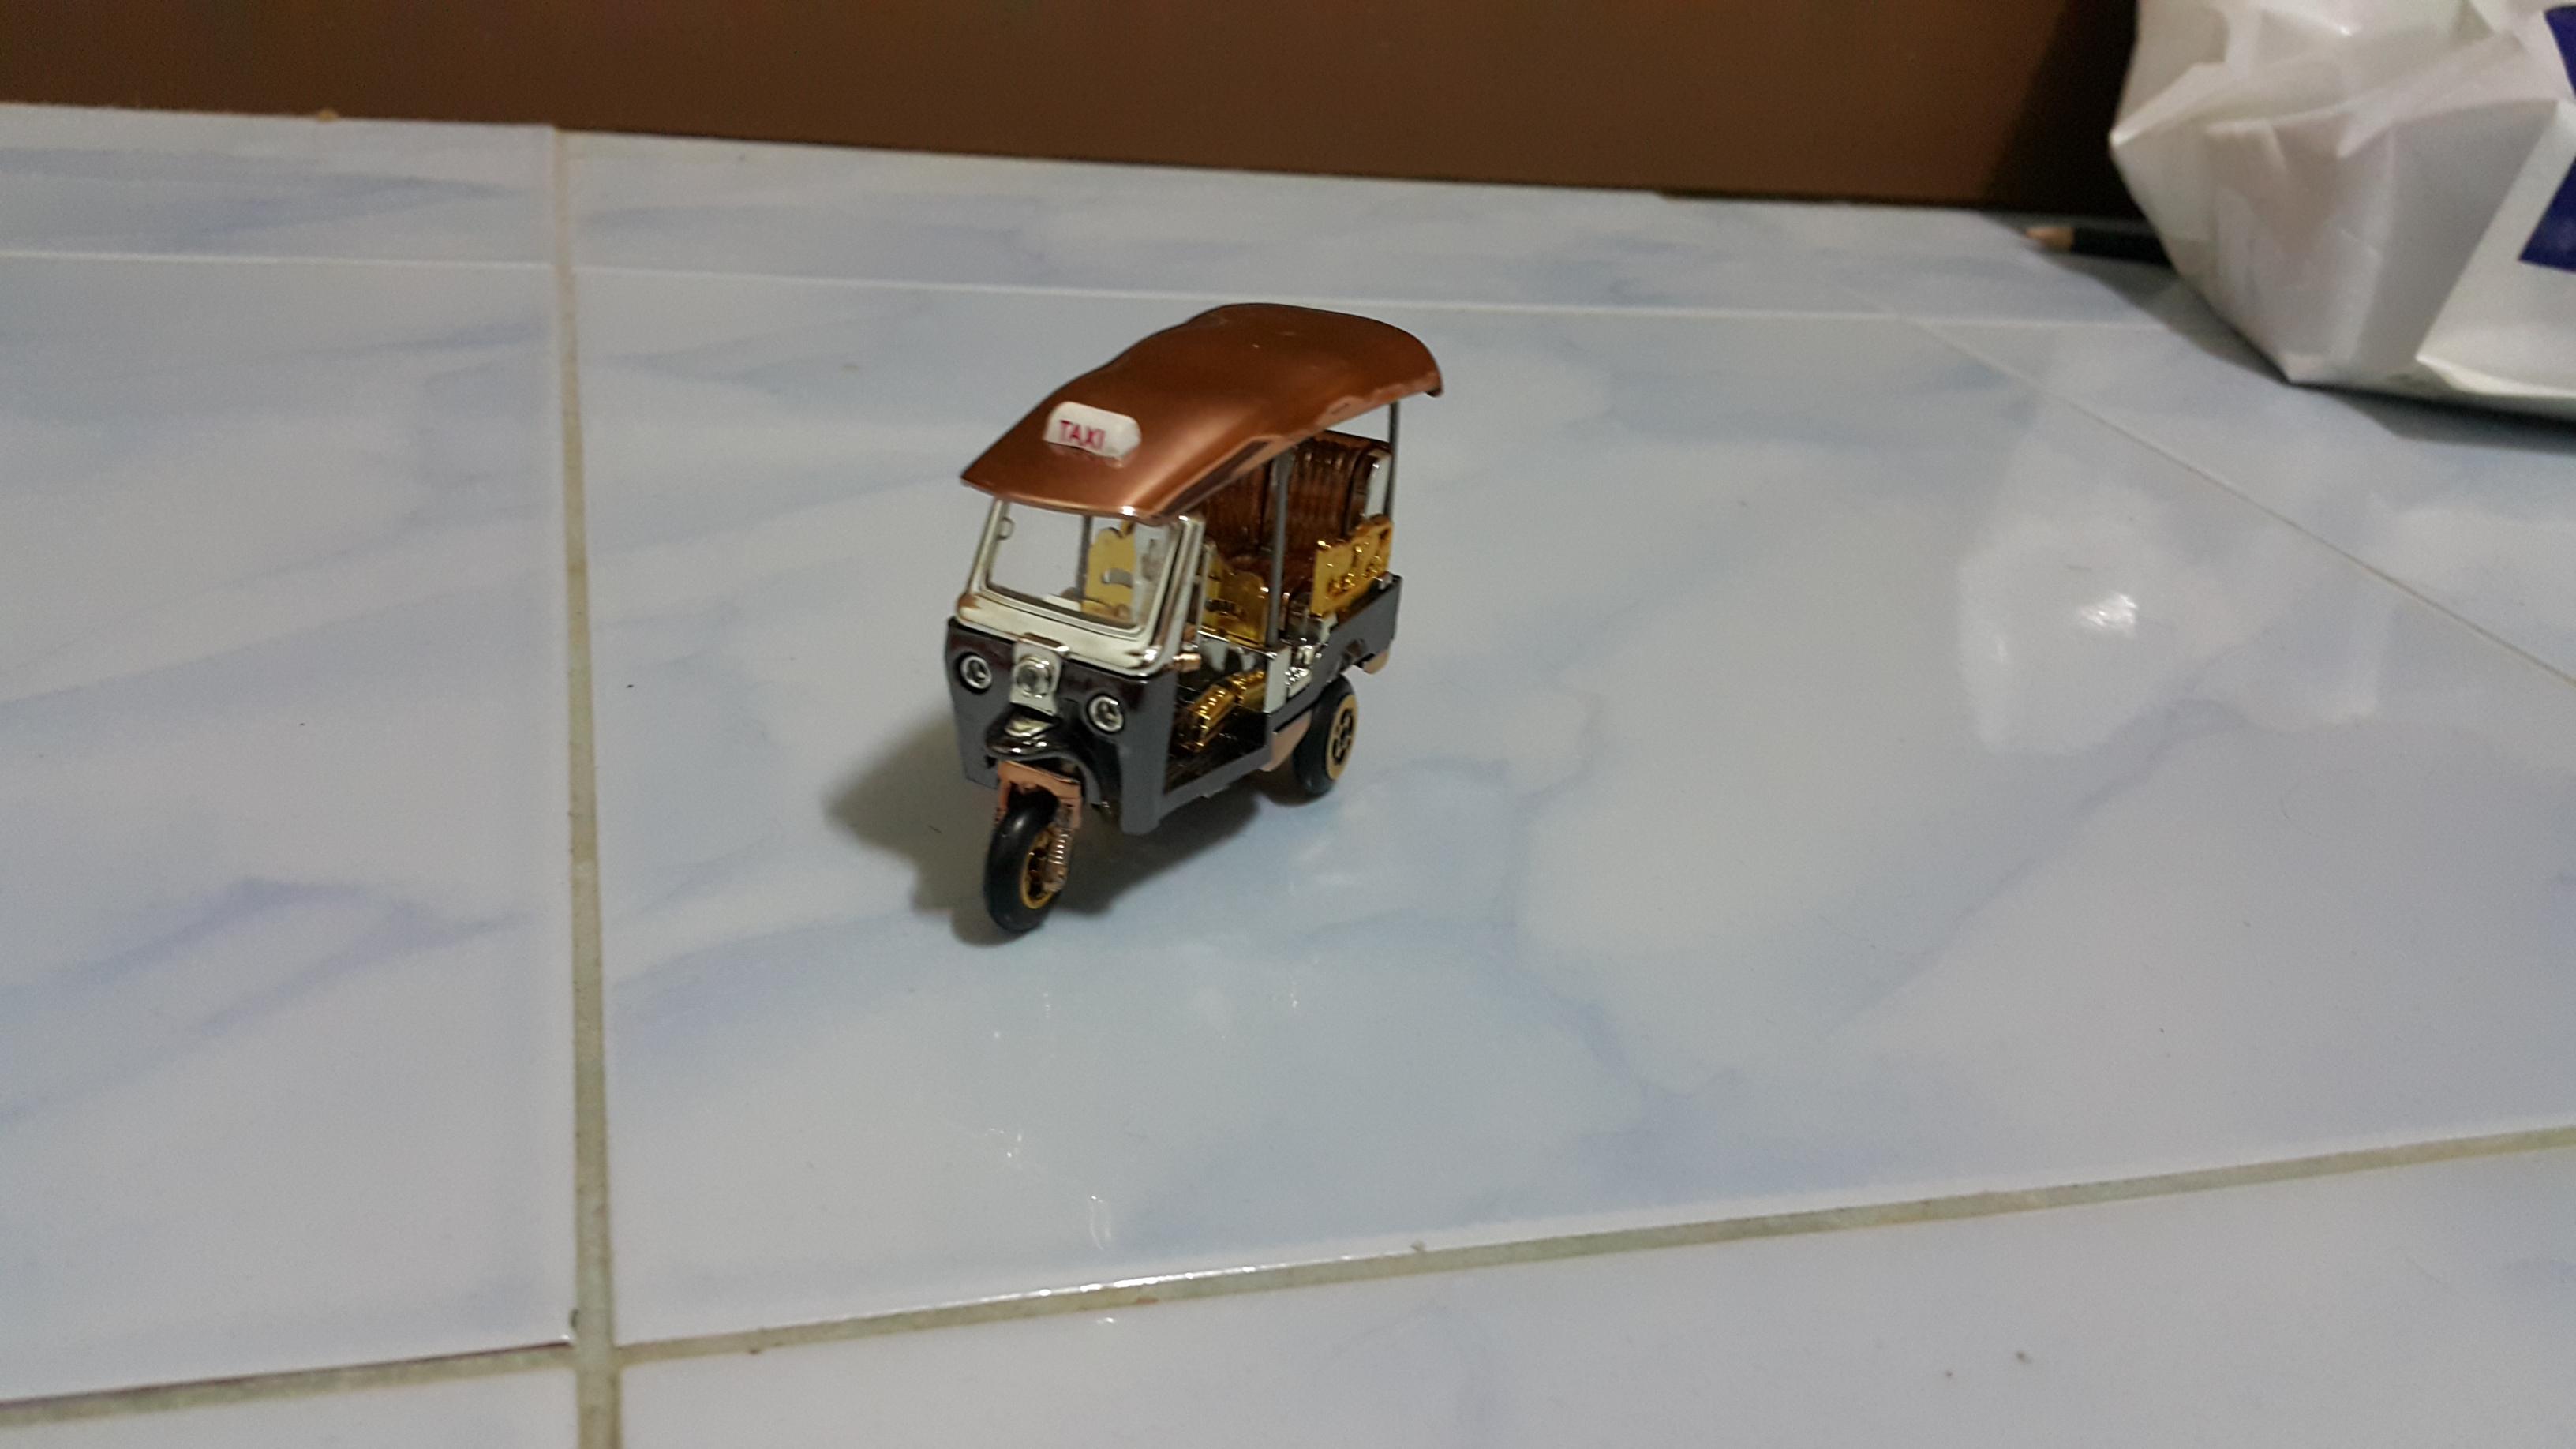 รถตุ๊กจำลอง ของที่ระลึก SIZE S (11907)